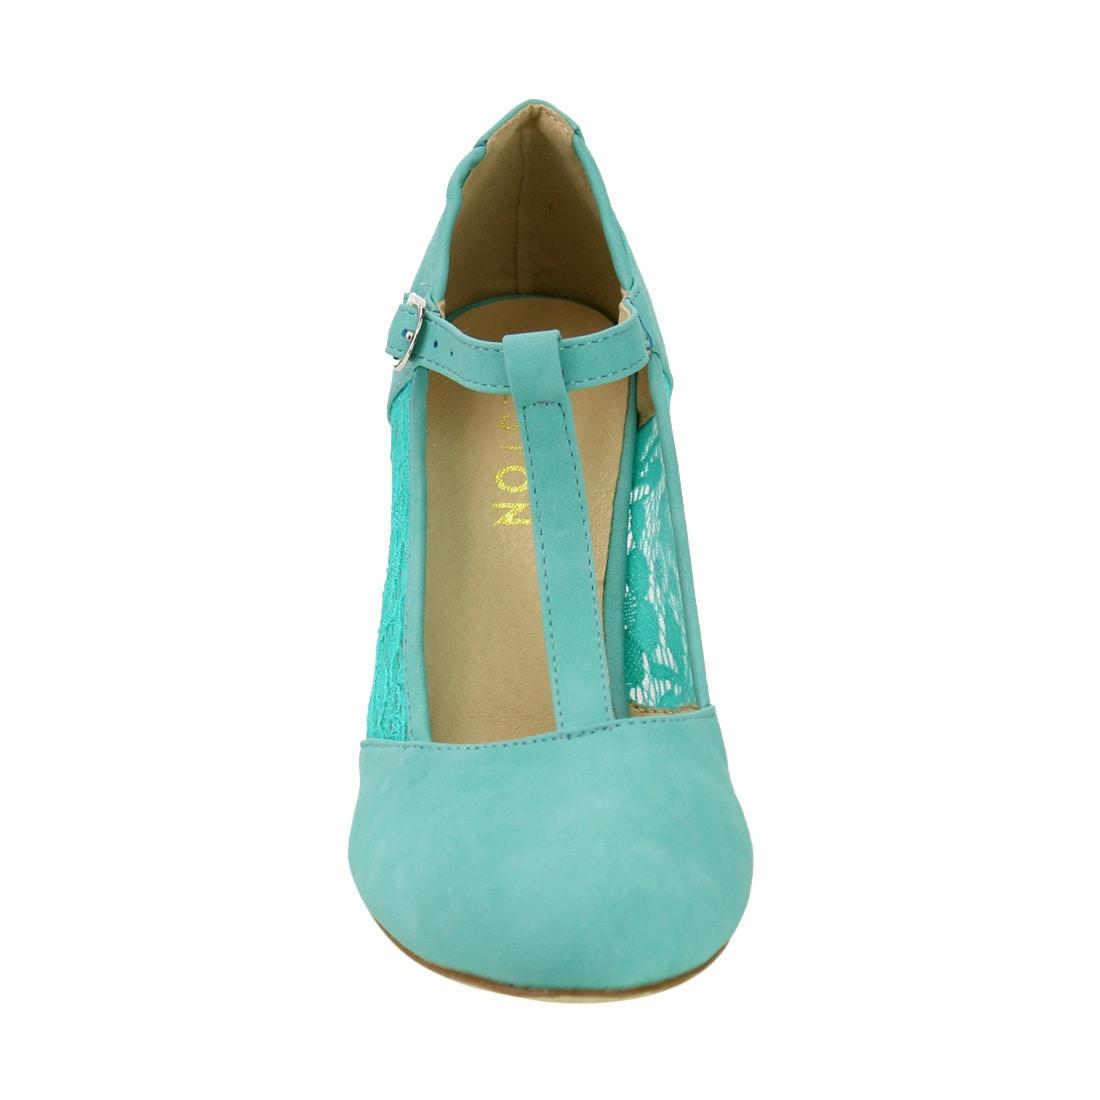 Shop Beston DE31 Women\'s Floral Lace Mary Janes Dress Pumps One Size ...